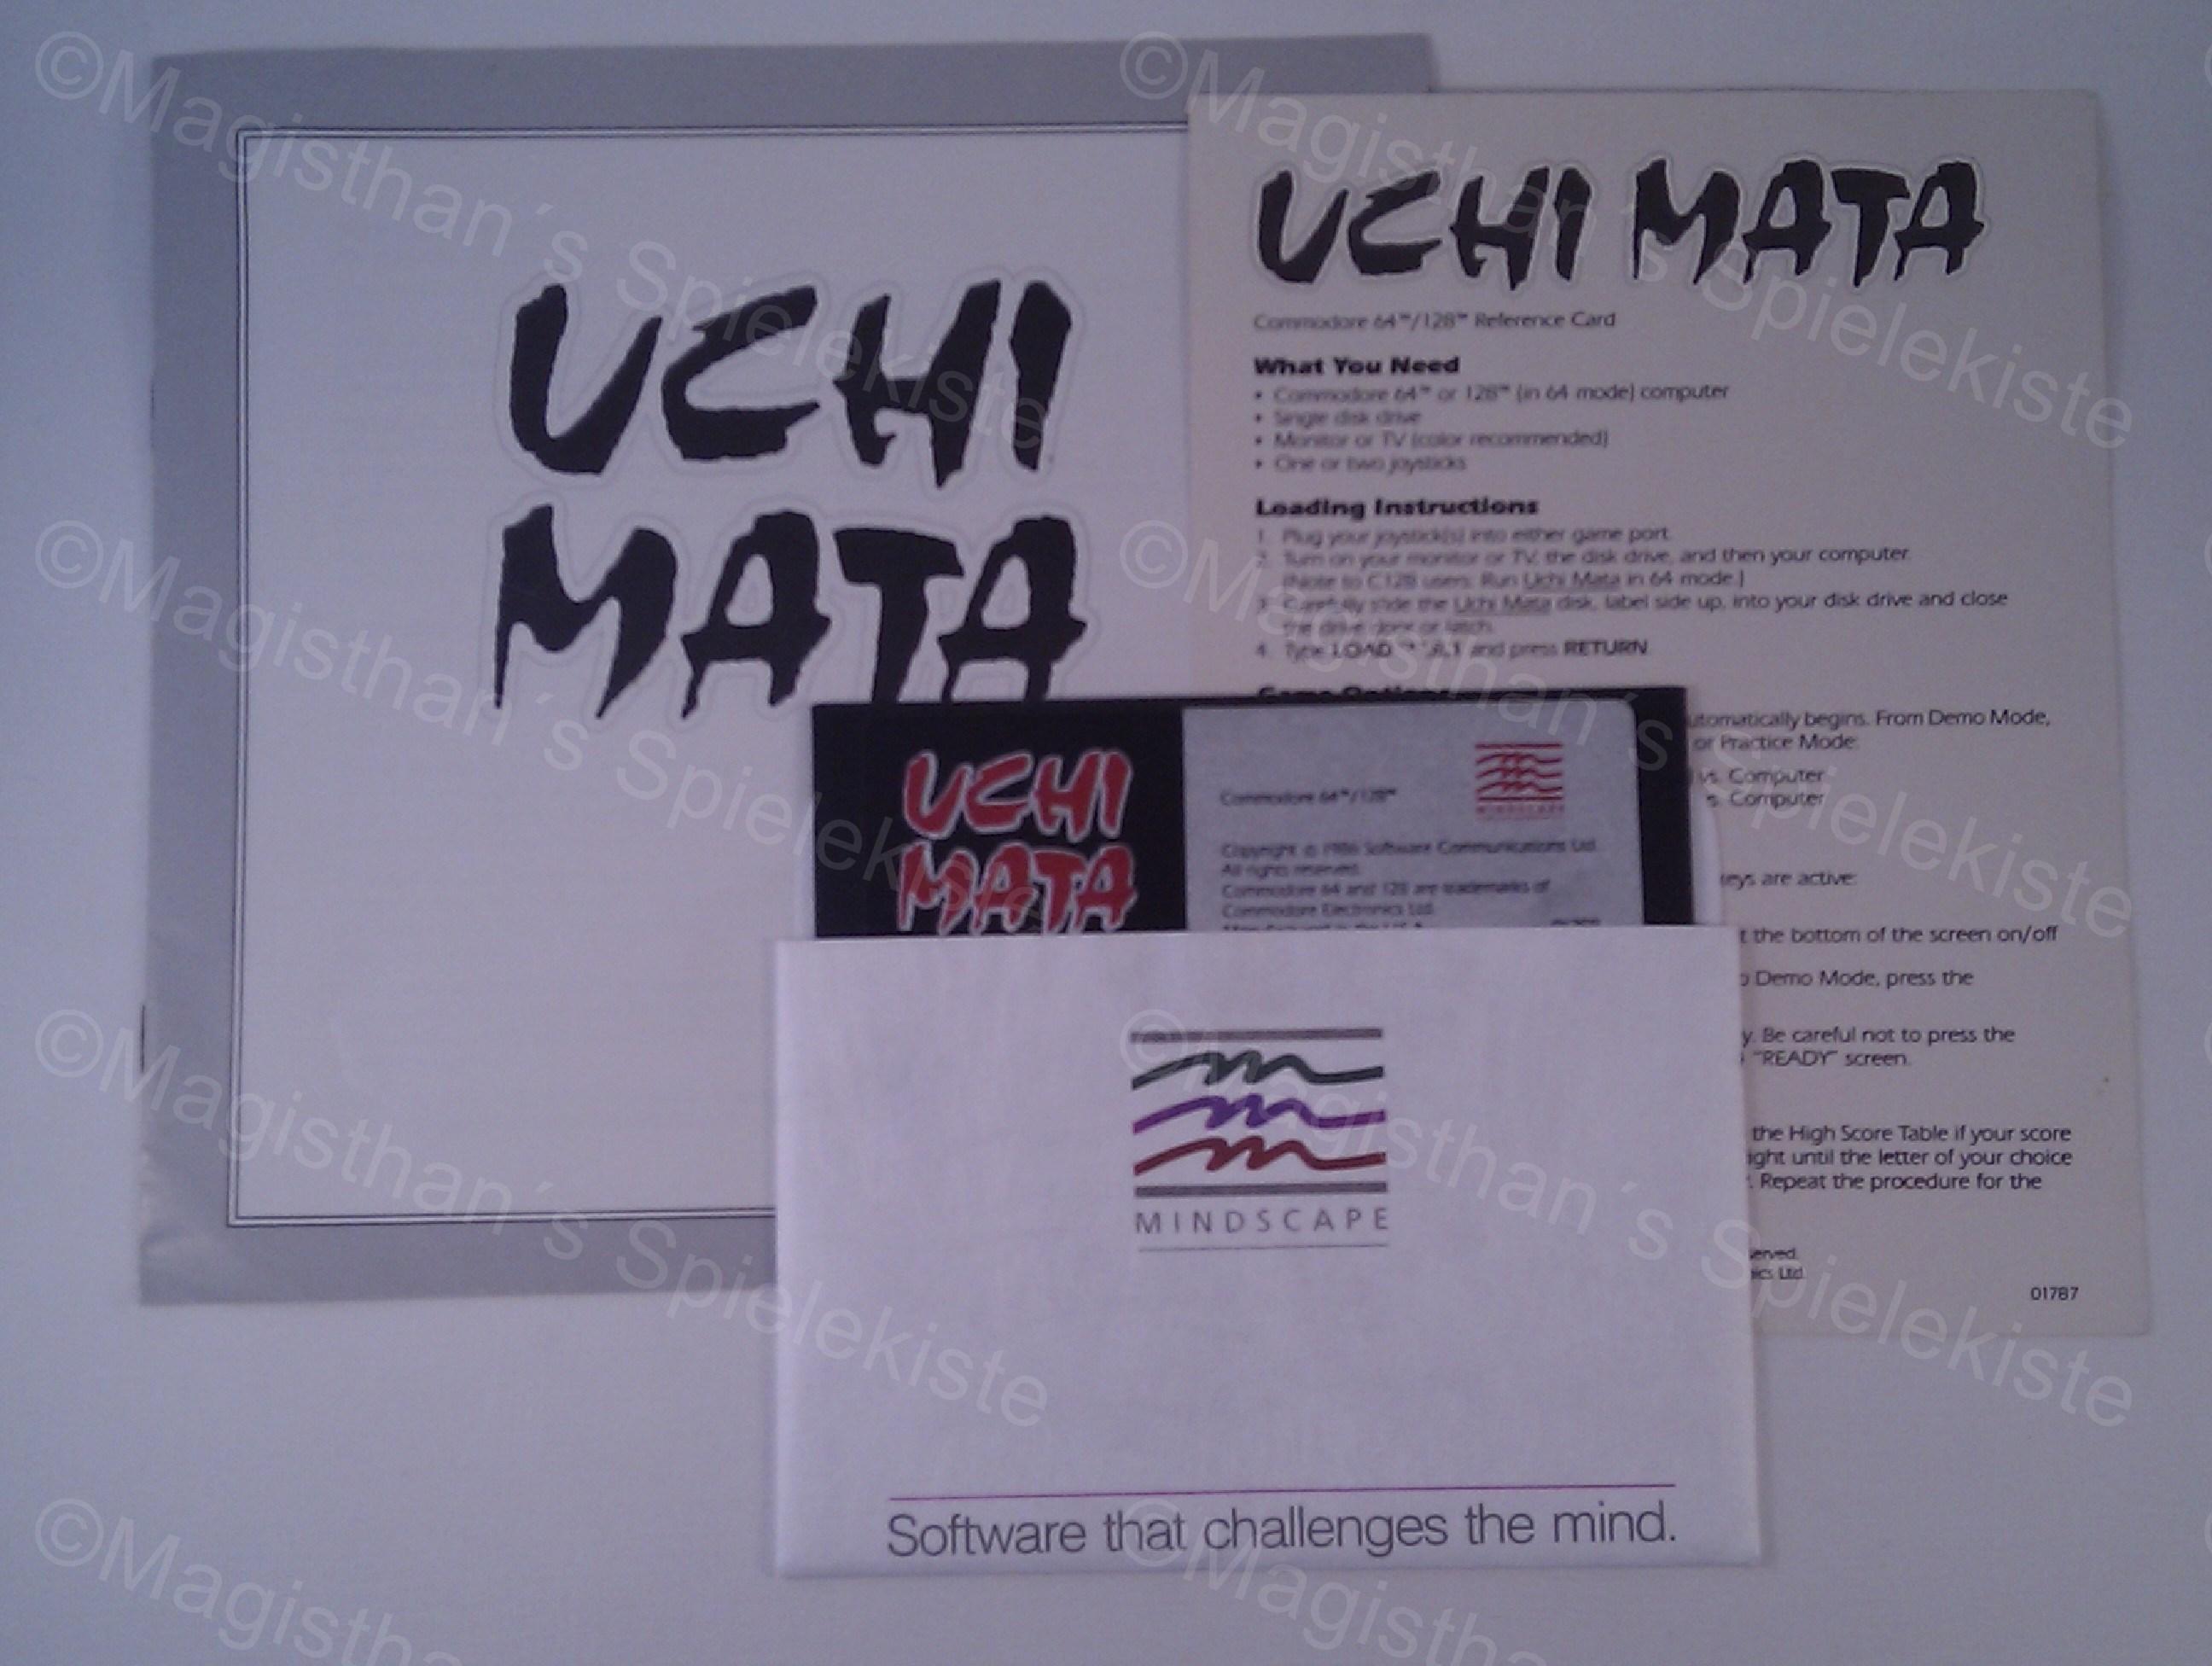 UchiMata2.jpg